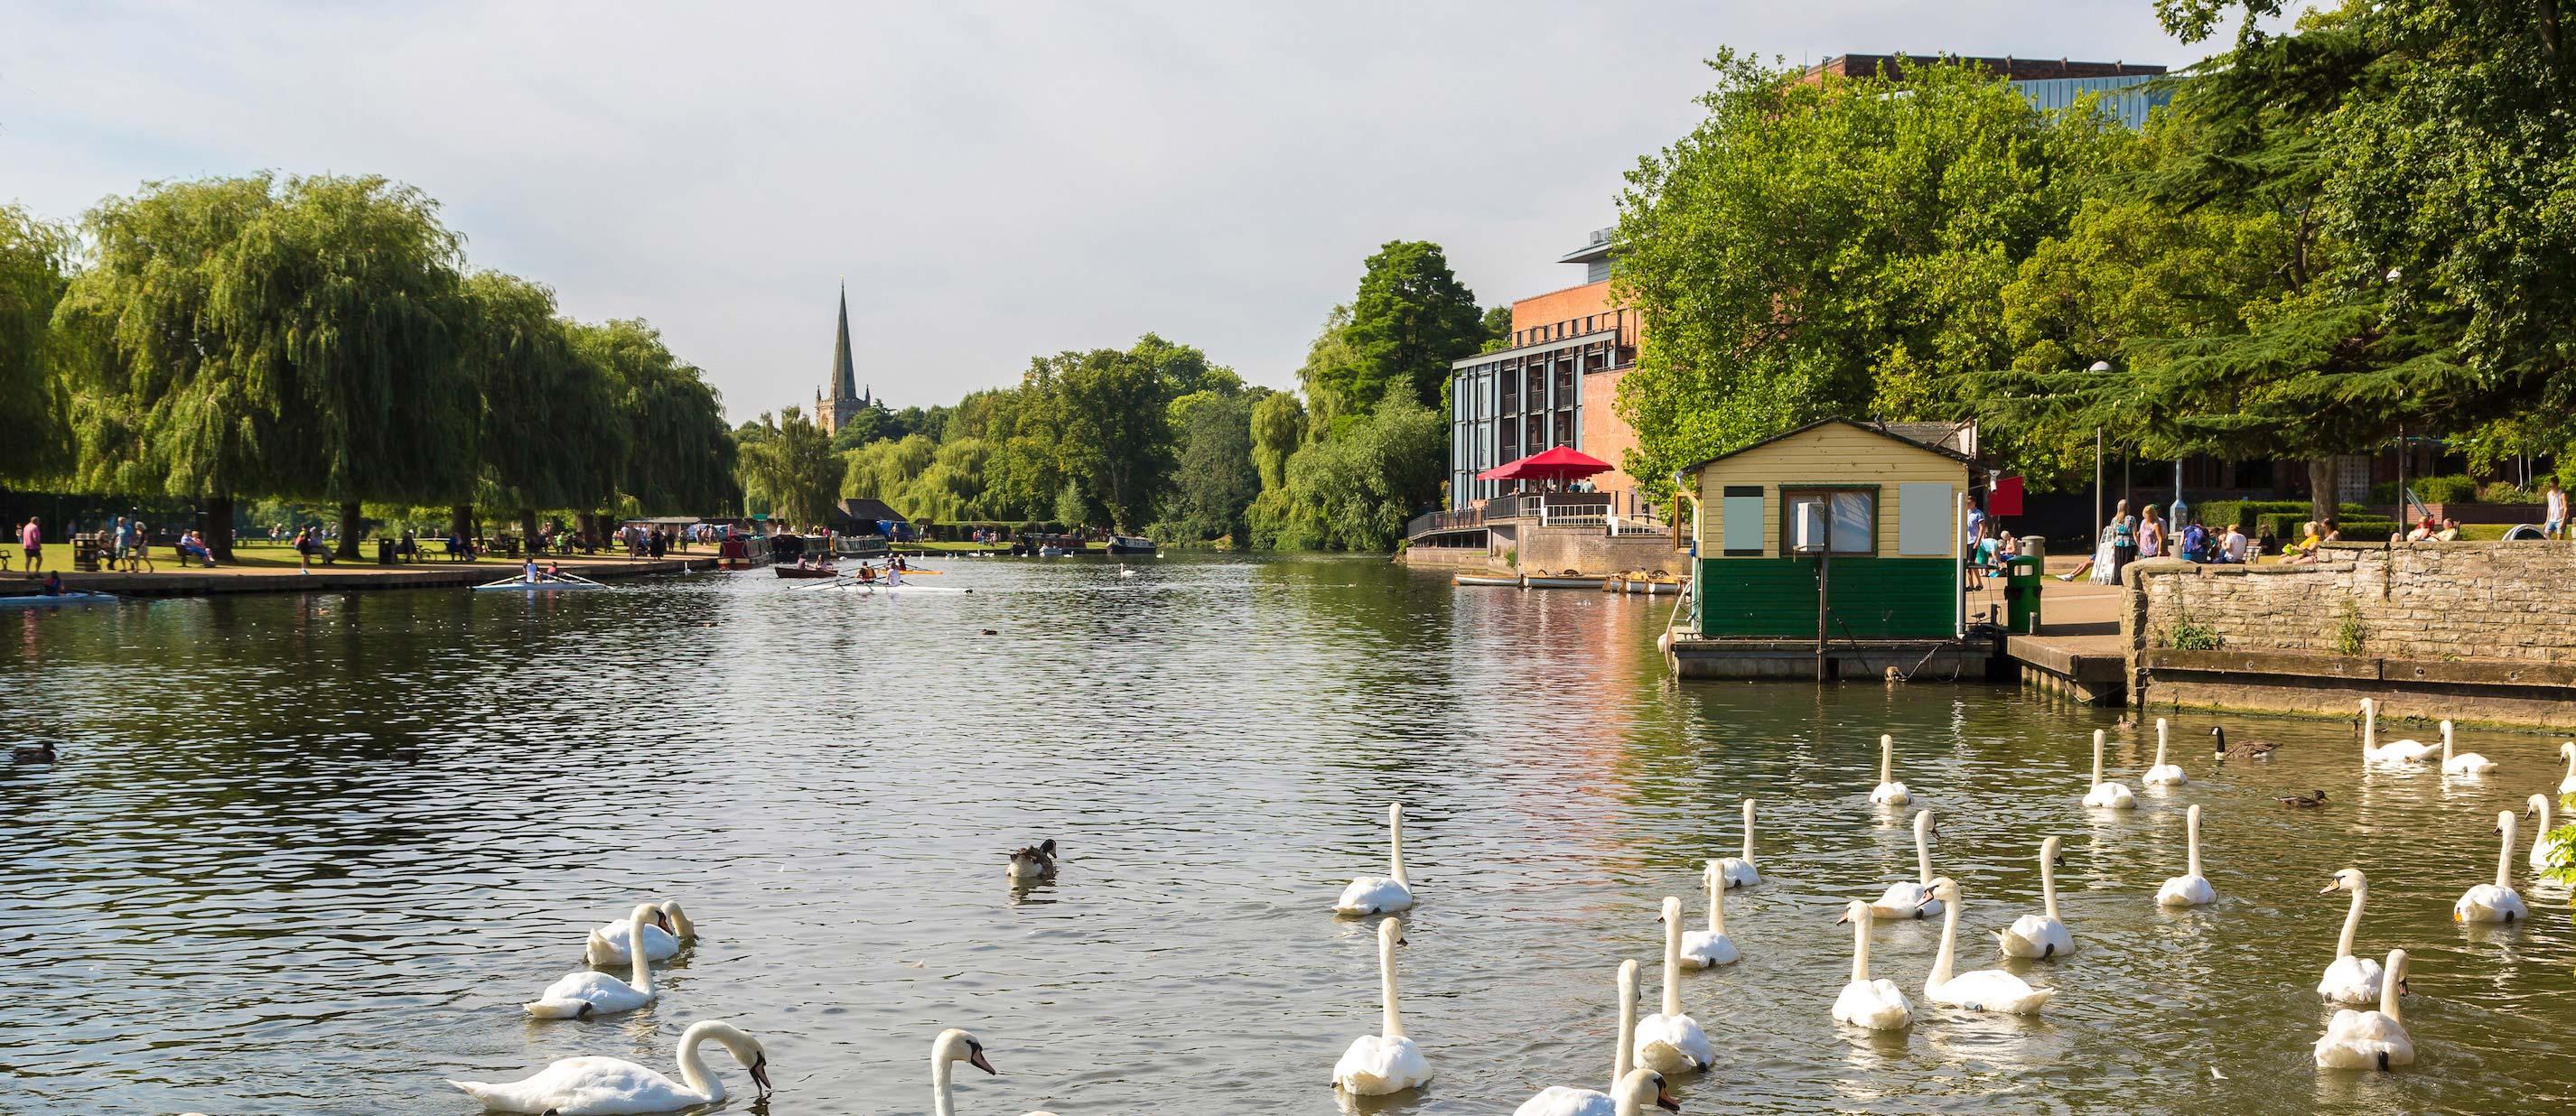 Stratford-upon-Avom